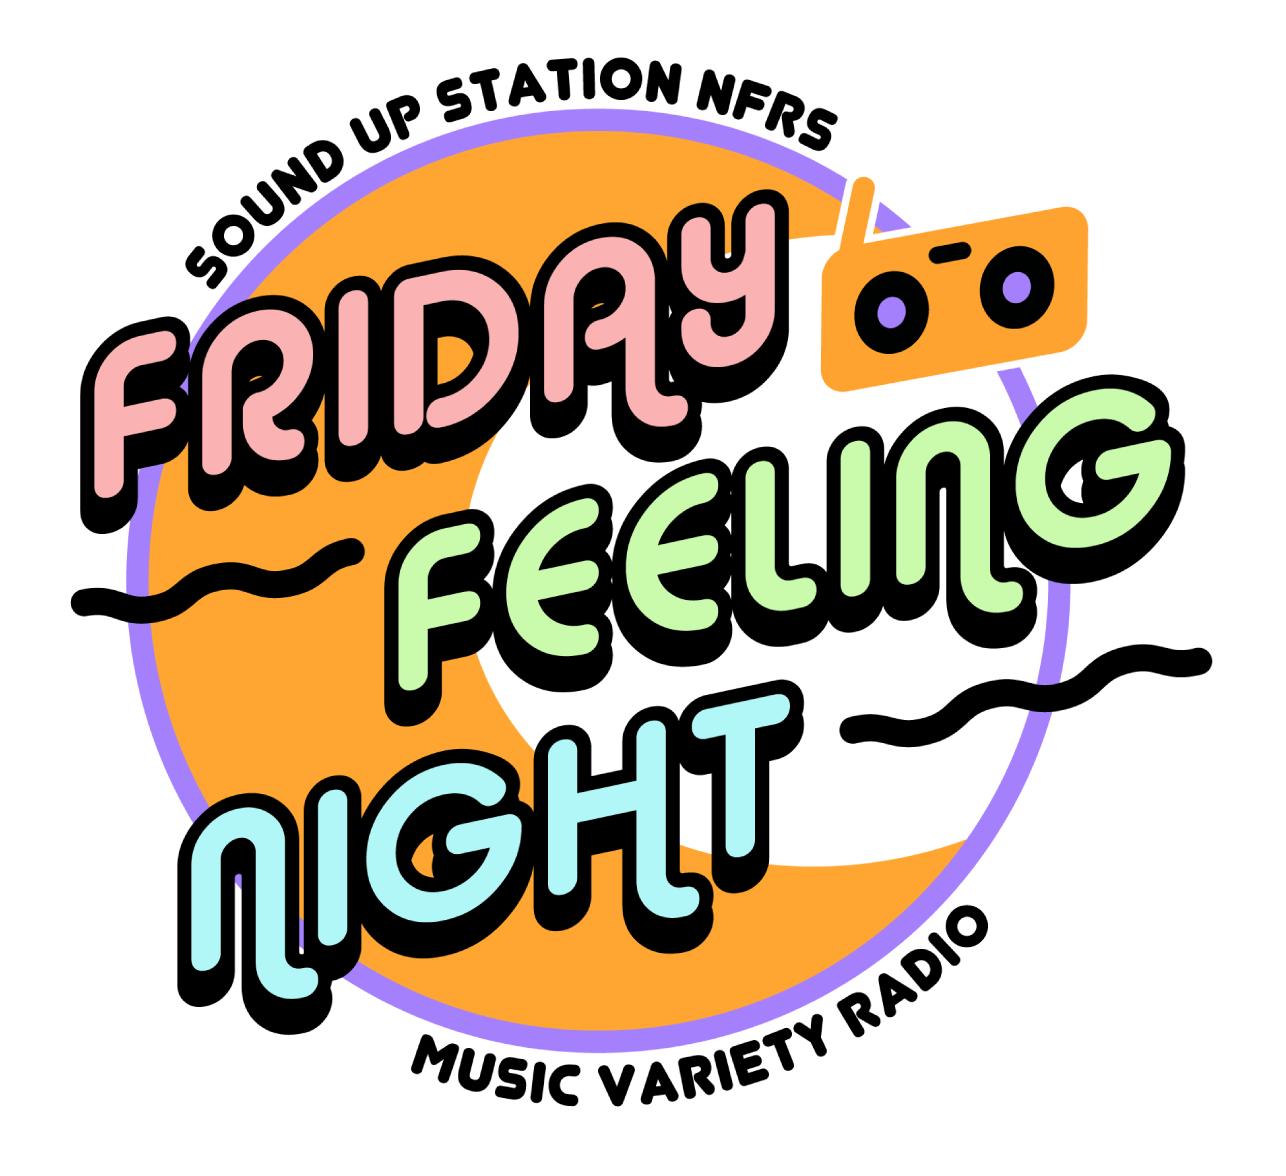 ネットラジオ「FRIDAY FEELING NIGHT」のロゴを制作いたしました。